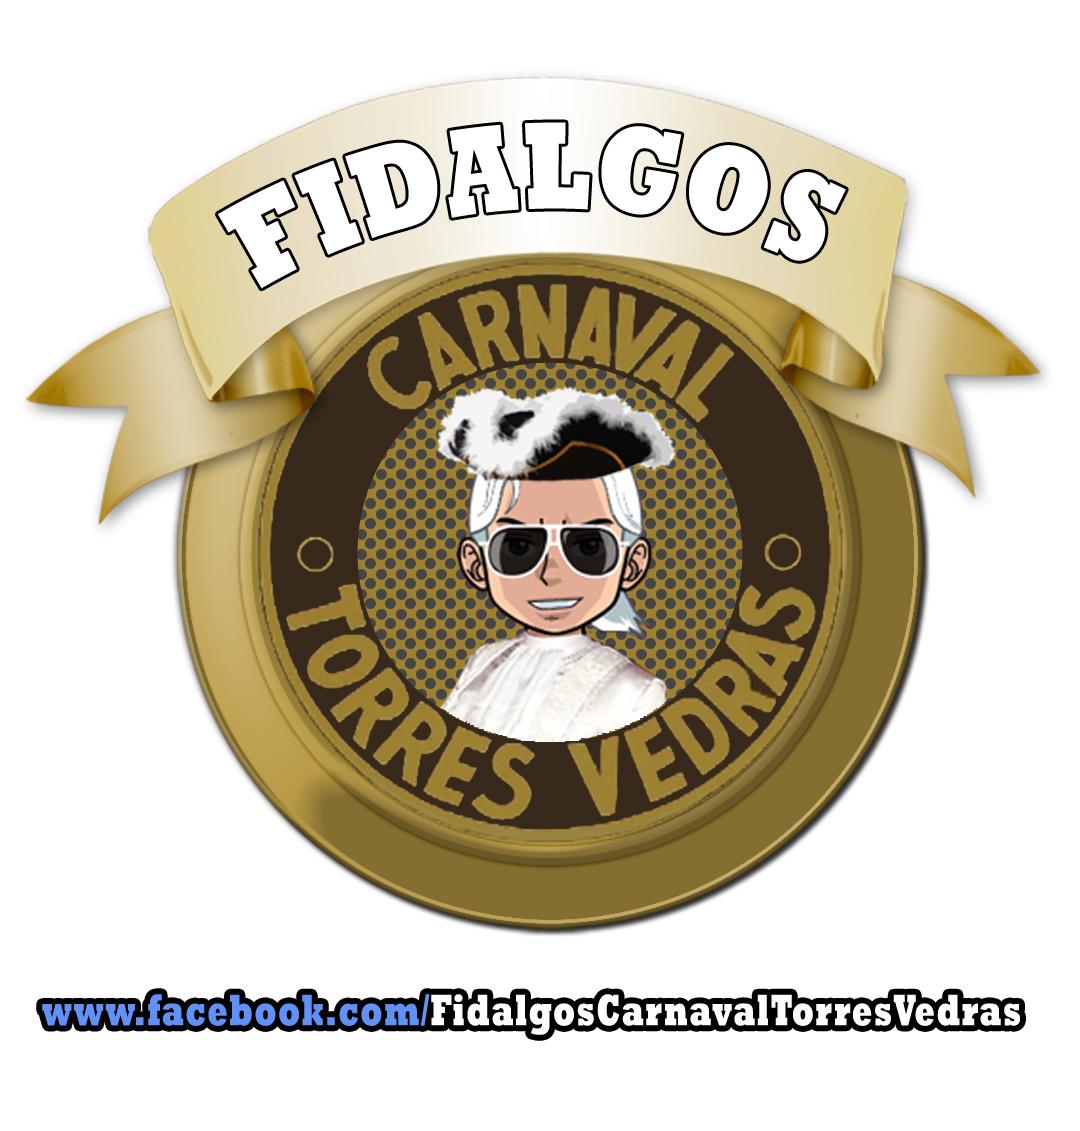 fidalgos logotipo